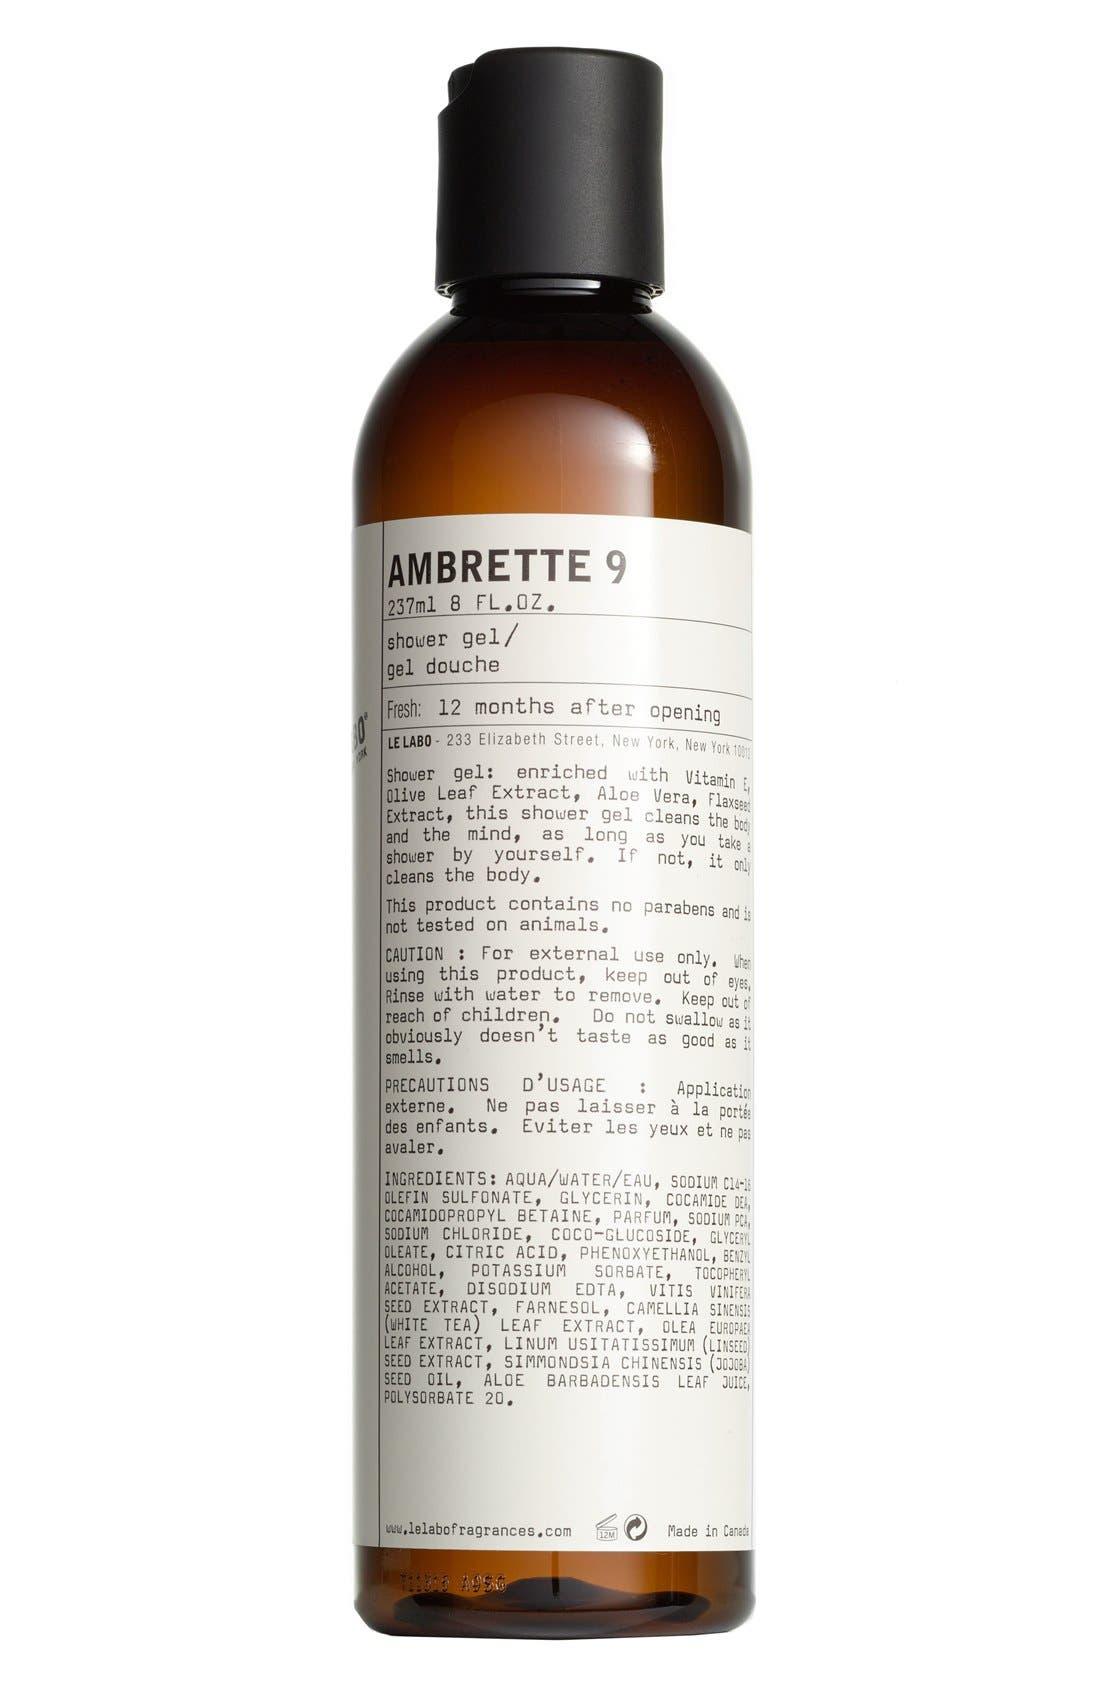 Le Labo 'Ambrette 9' Shower Gel